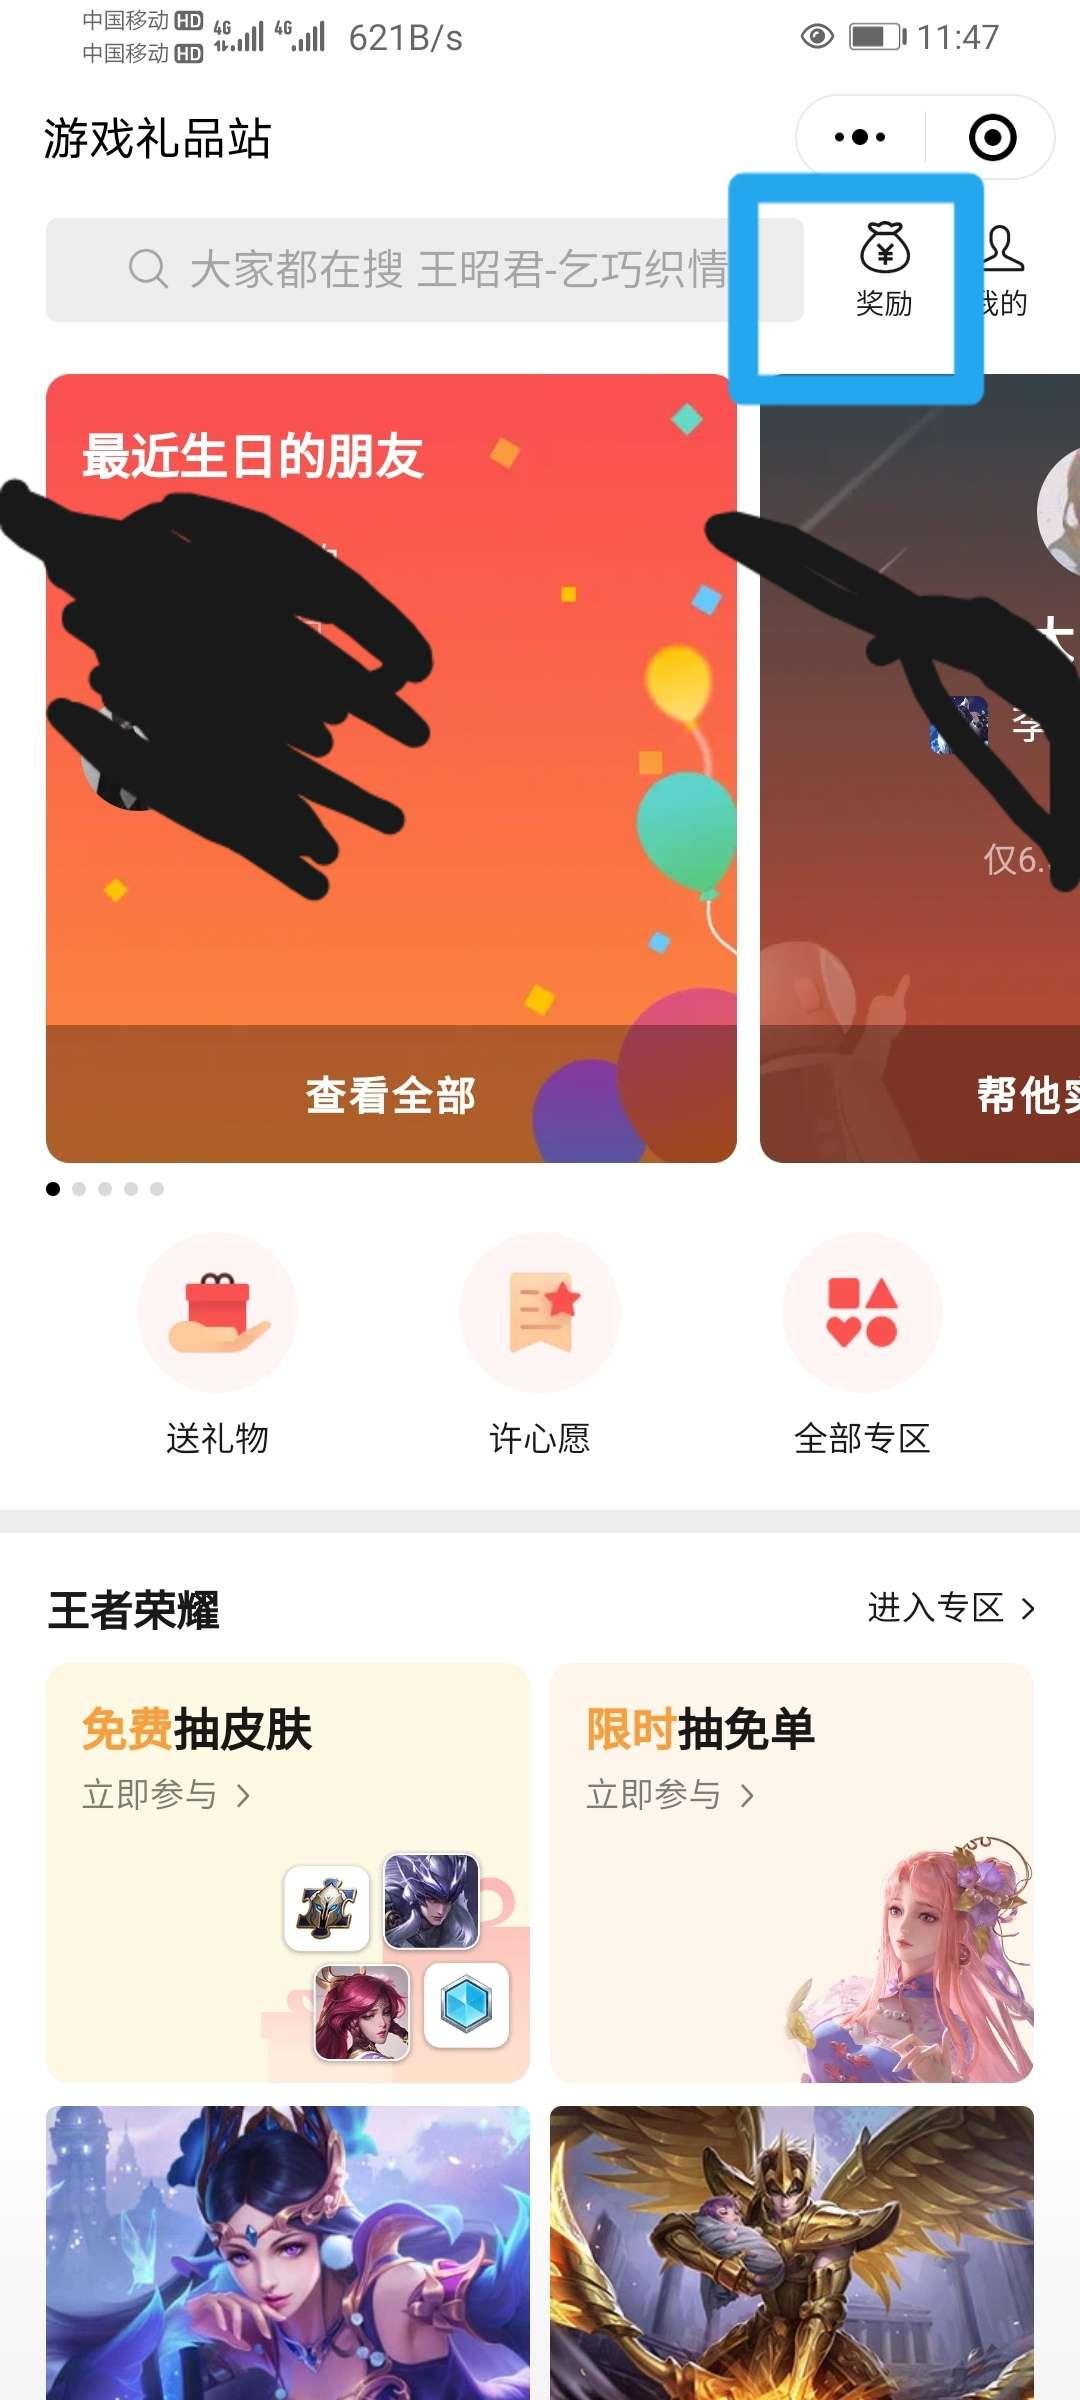 【红包】手机游戏礼物站提取大红包插图